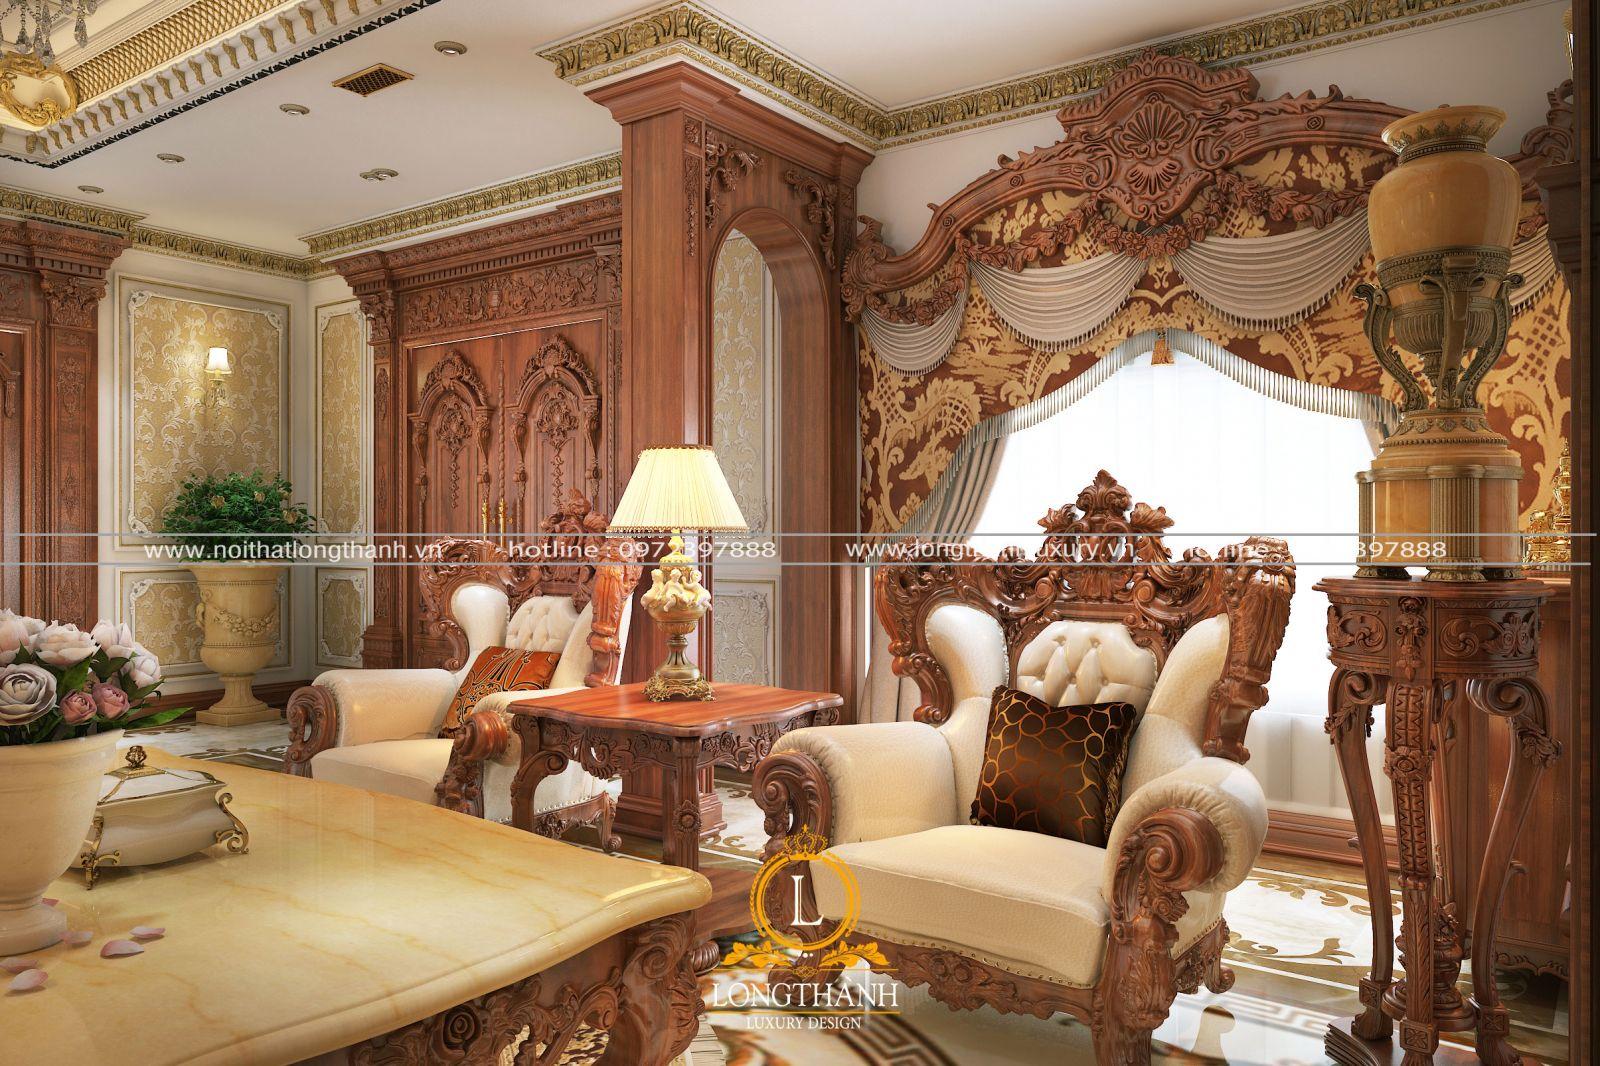 Sử dụng chất liệu cao cấp cho nội thất phòng khách tân cổ điển